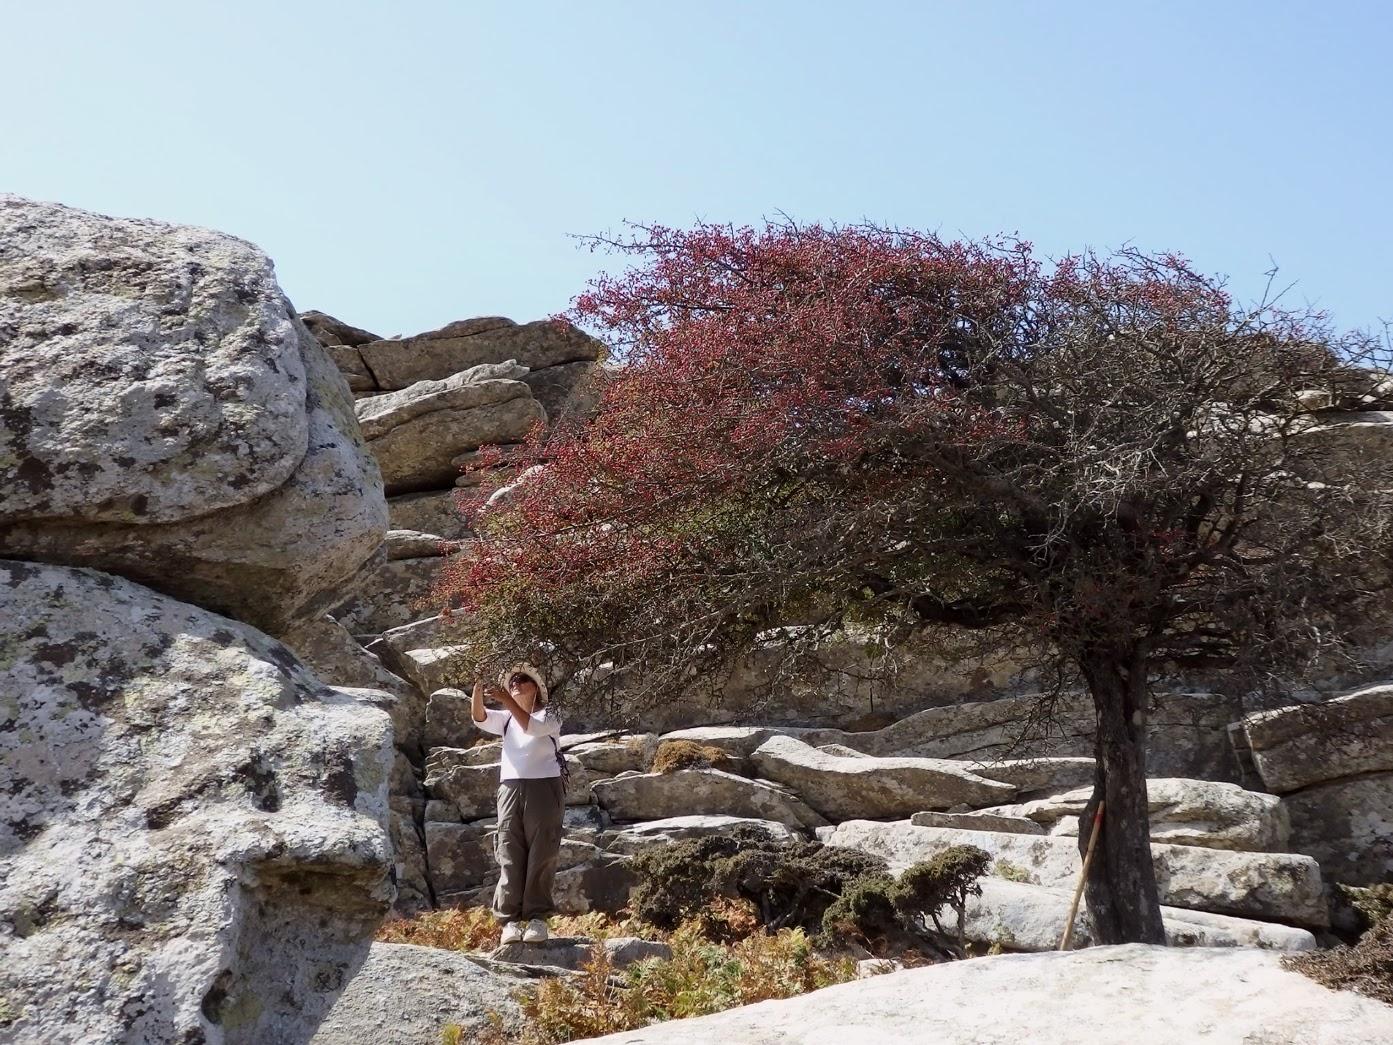 Κράταιγος ή (ικαρ.) «Περικαθέ», ένα πολύ χαρακτηριστικό δέντρο των βουνών της Ικαρίας